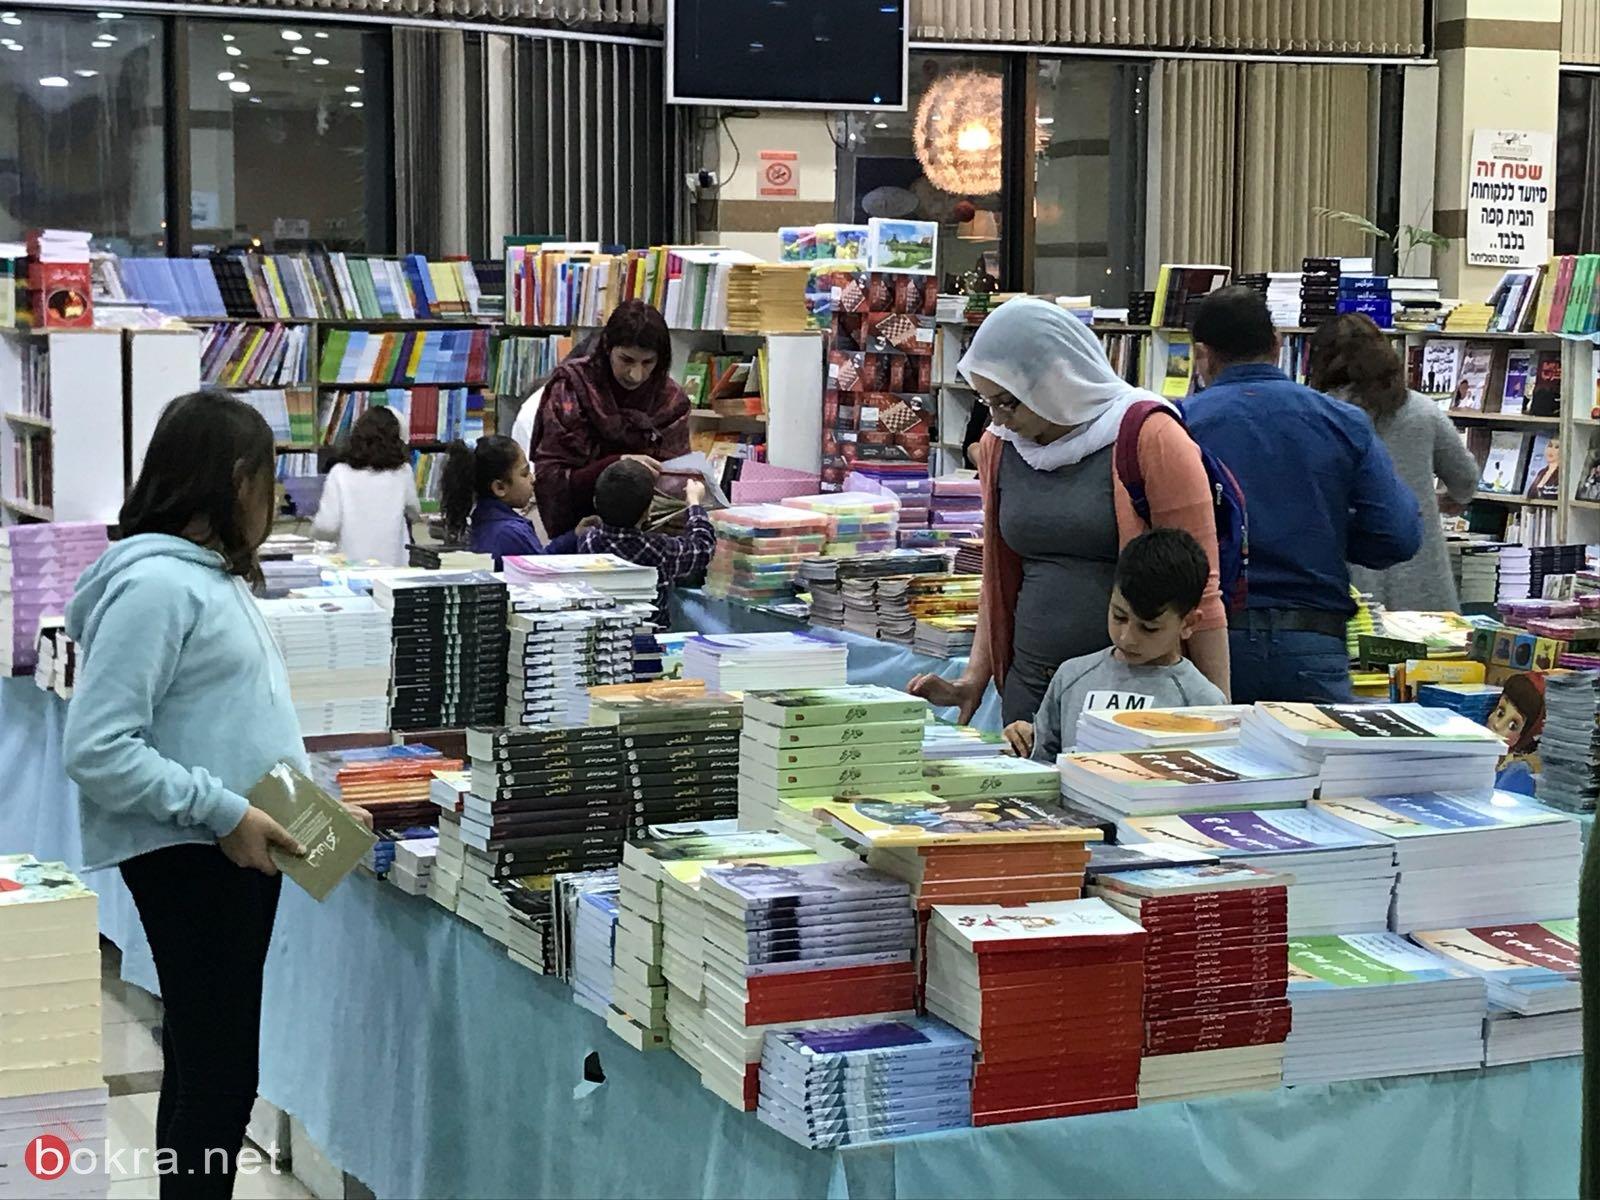 معرض الكتاب في كنيون كنعان- يركا يحقق نجاحاً كبيراً ، المستمر حتى السبت 10.3.18-5